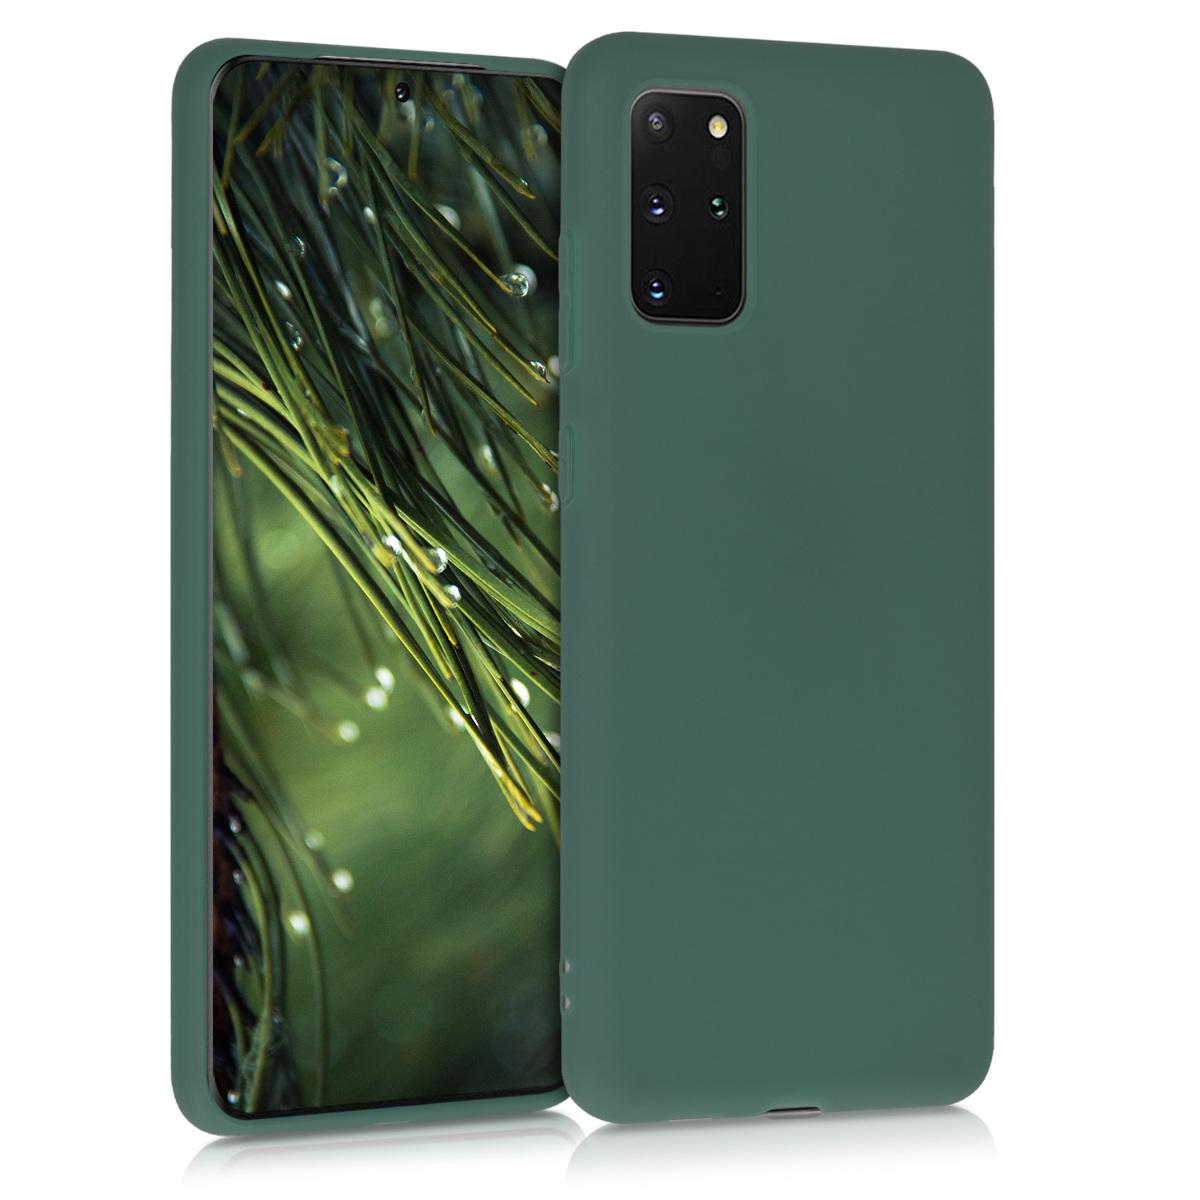 Olivově zelené silikonové pouzdro / obal pro Samsung S20 Plus